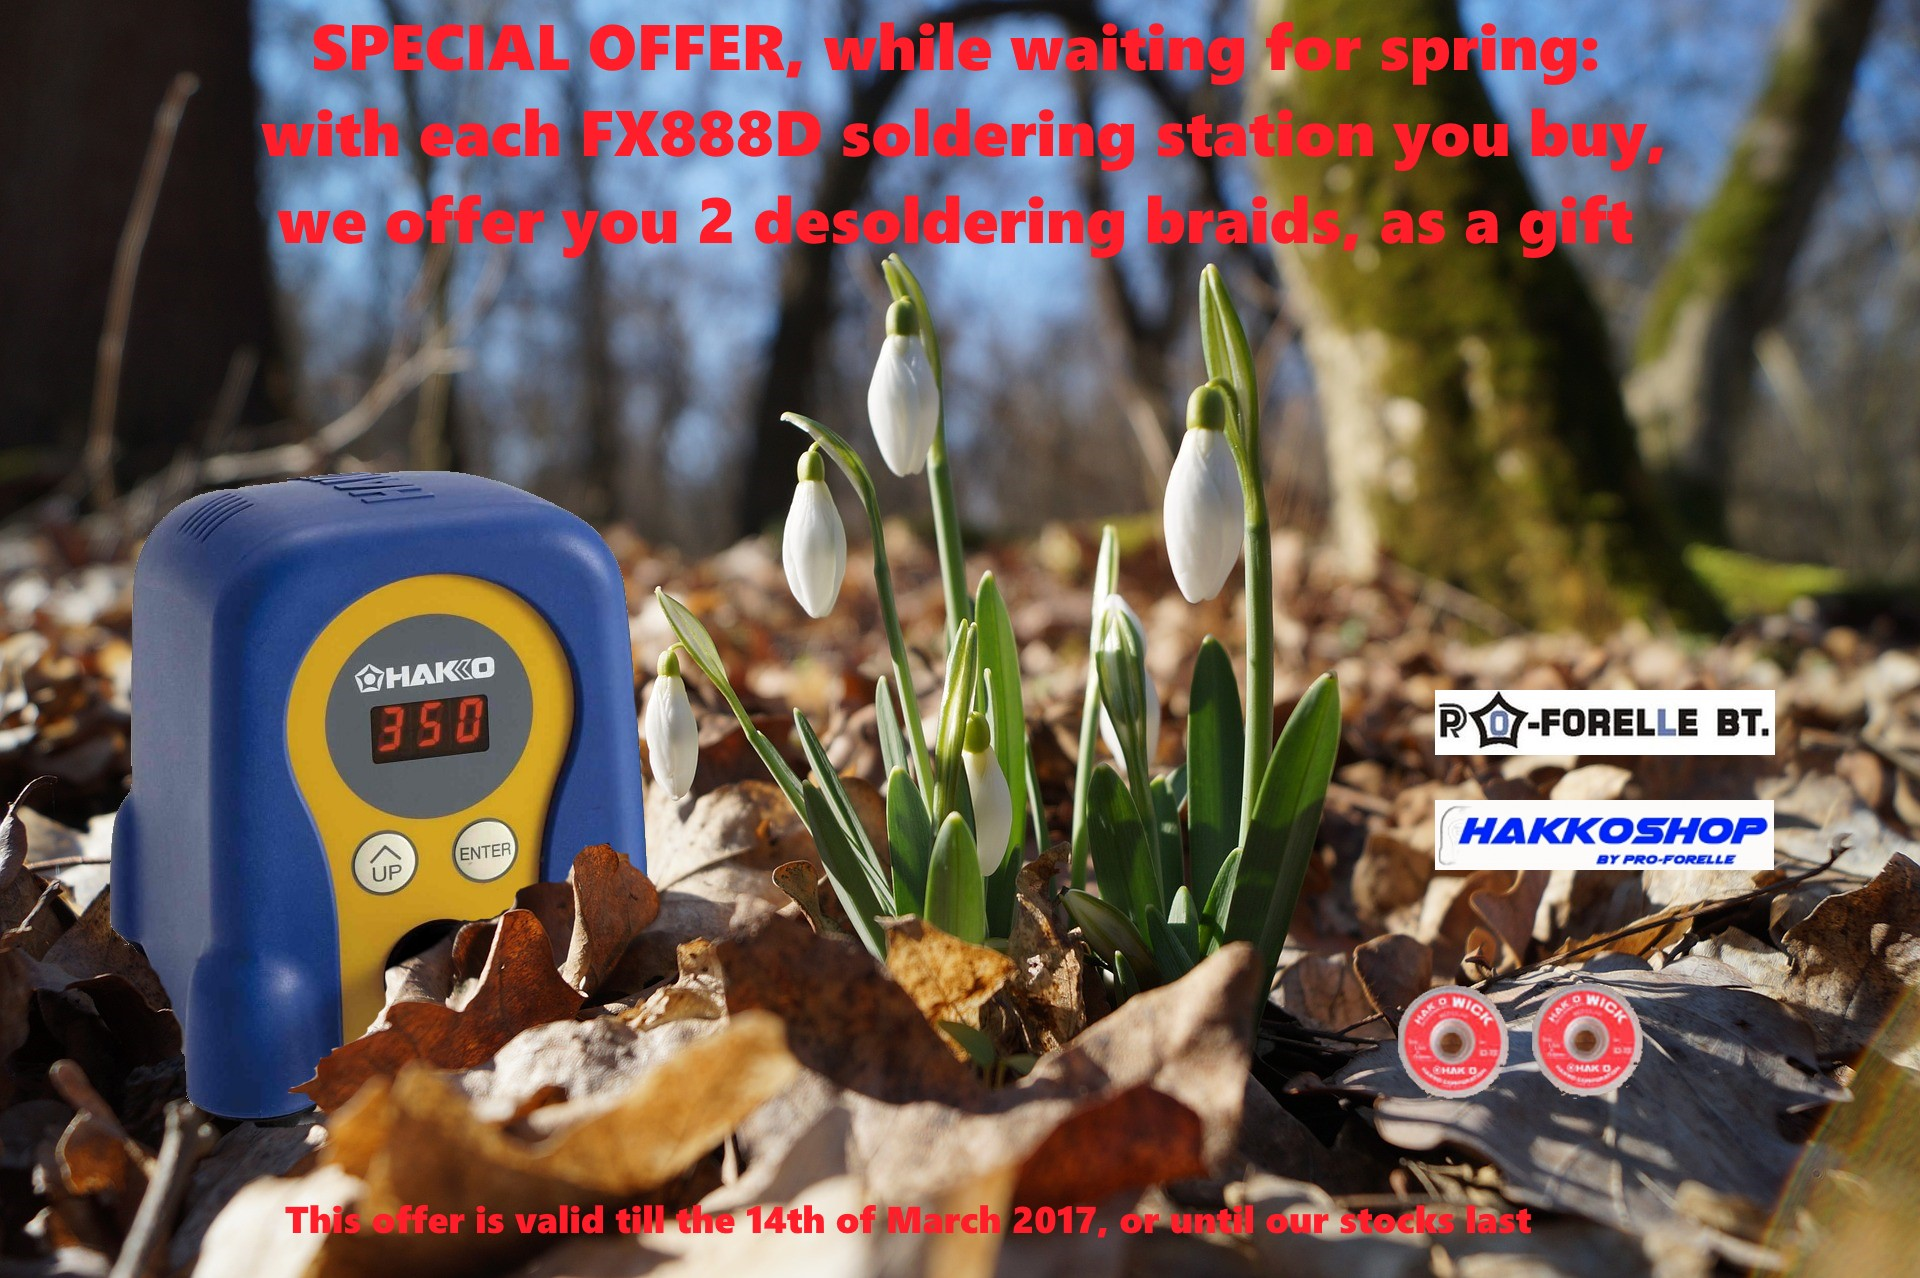 Special offer springtime